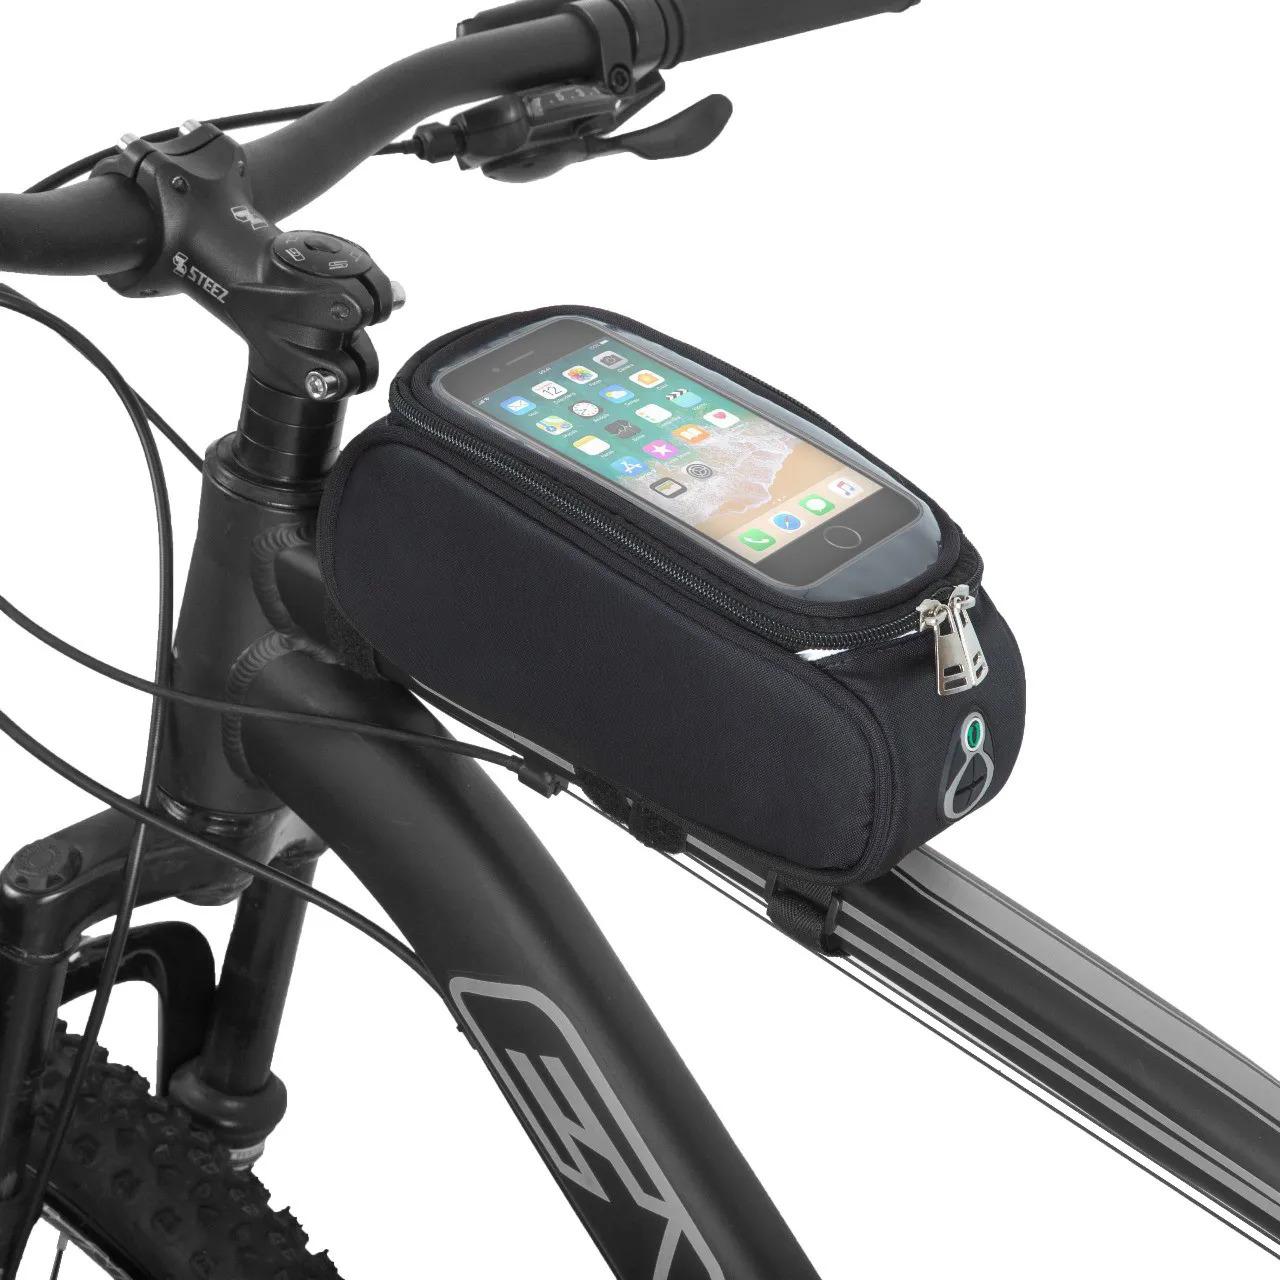 Bolsa de Quadro FitSanté com porta Celular + Luva Bike Moke